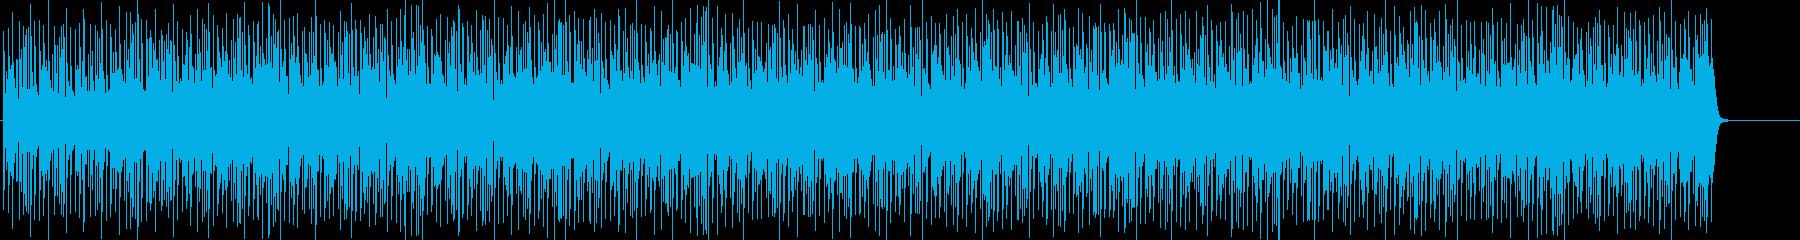 科学・工場をイメージした怪しいテクノの再生済みの波形